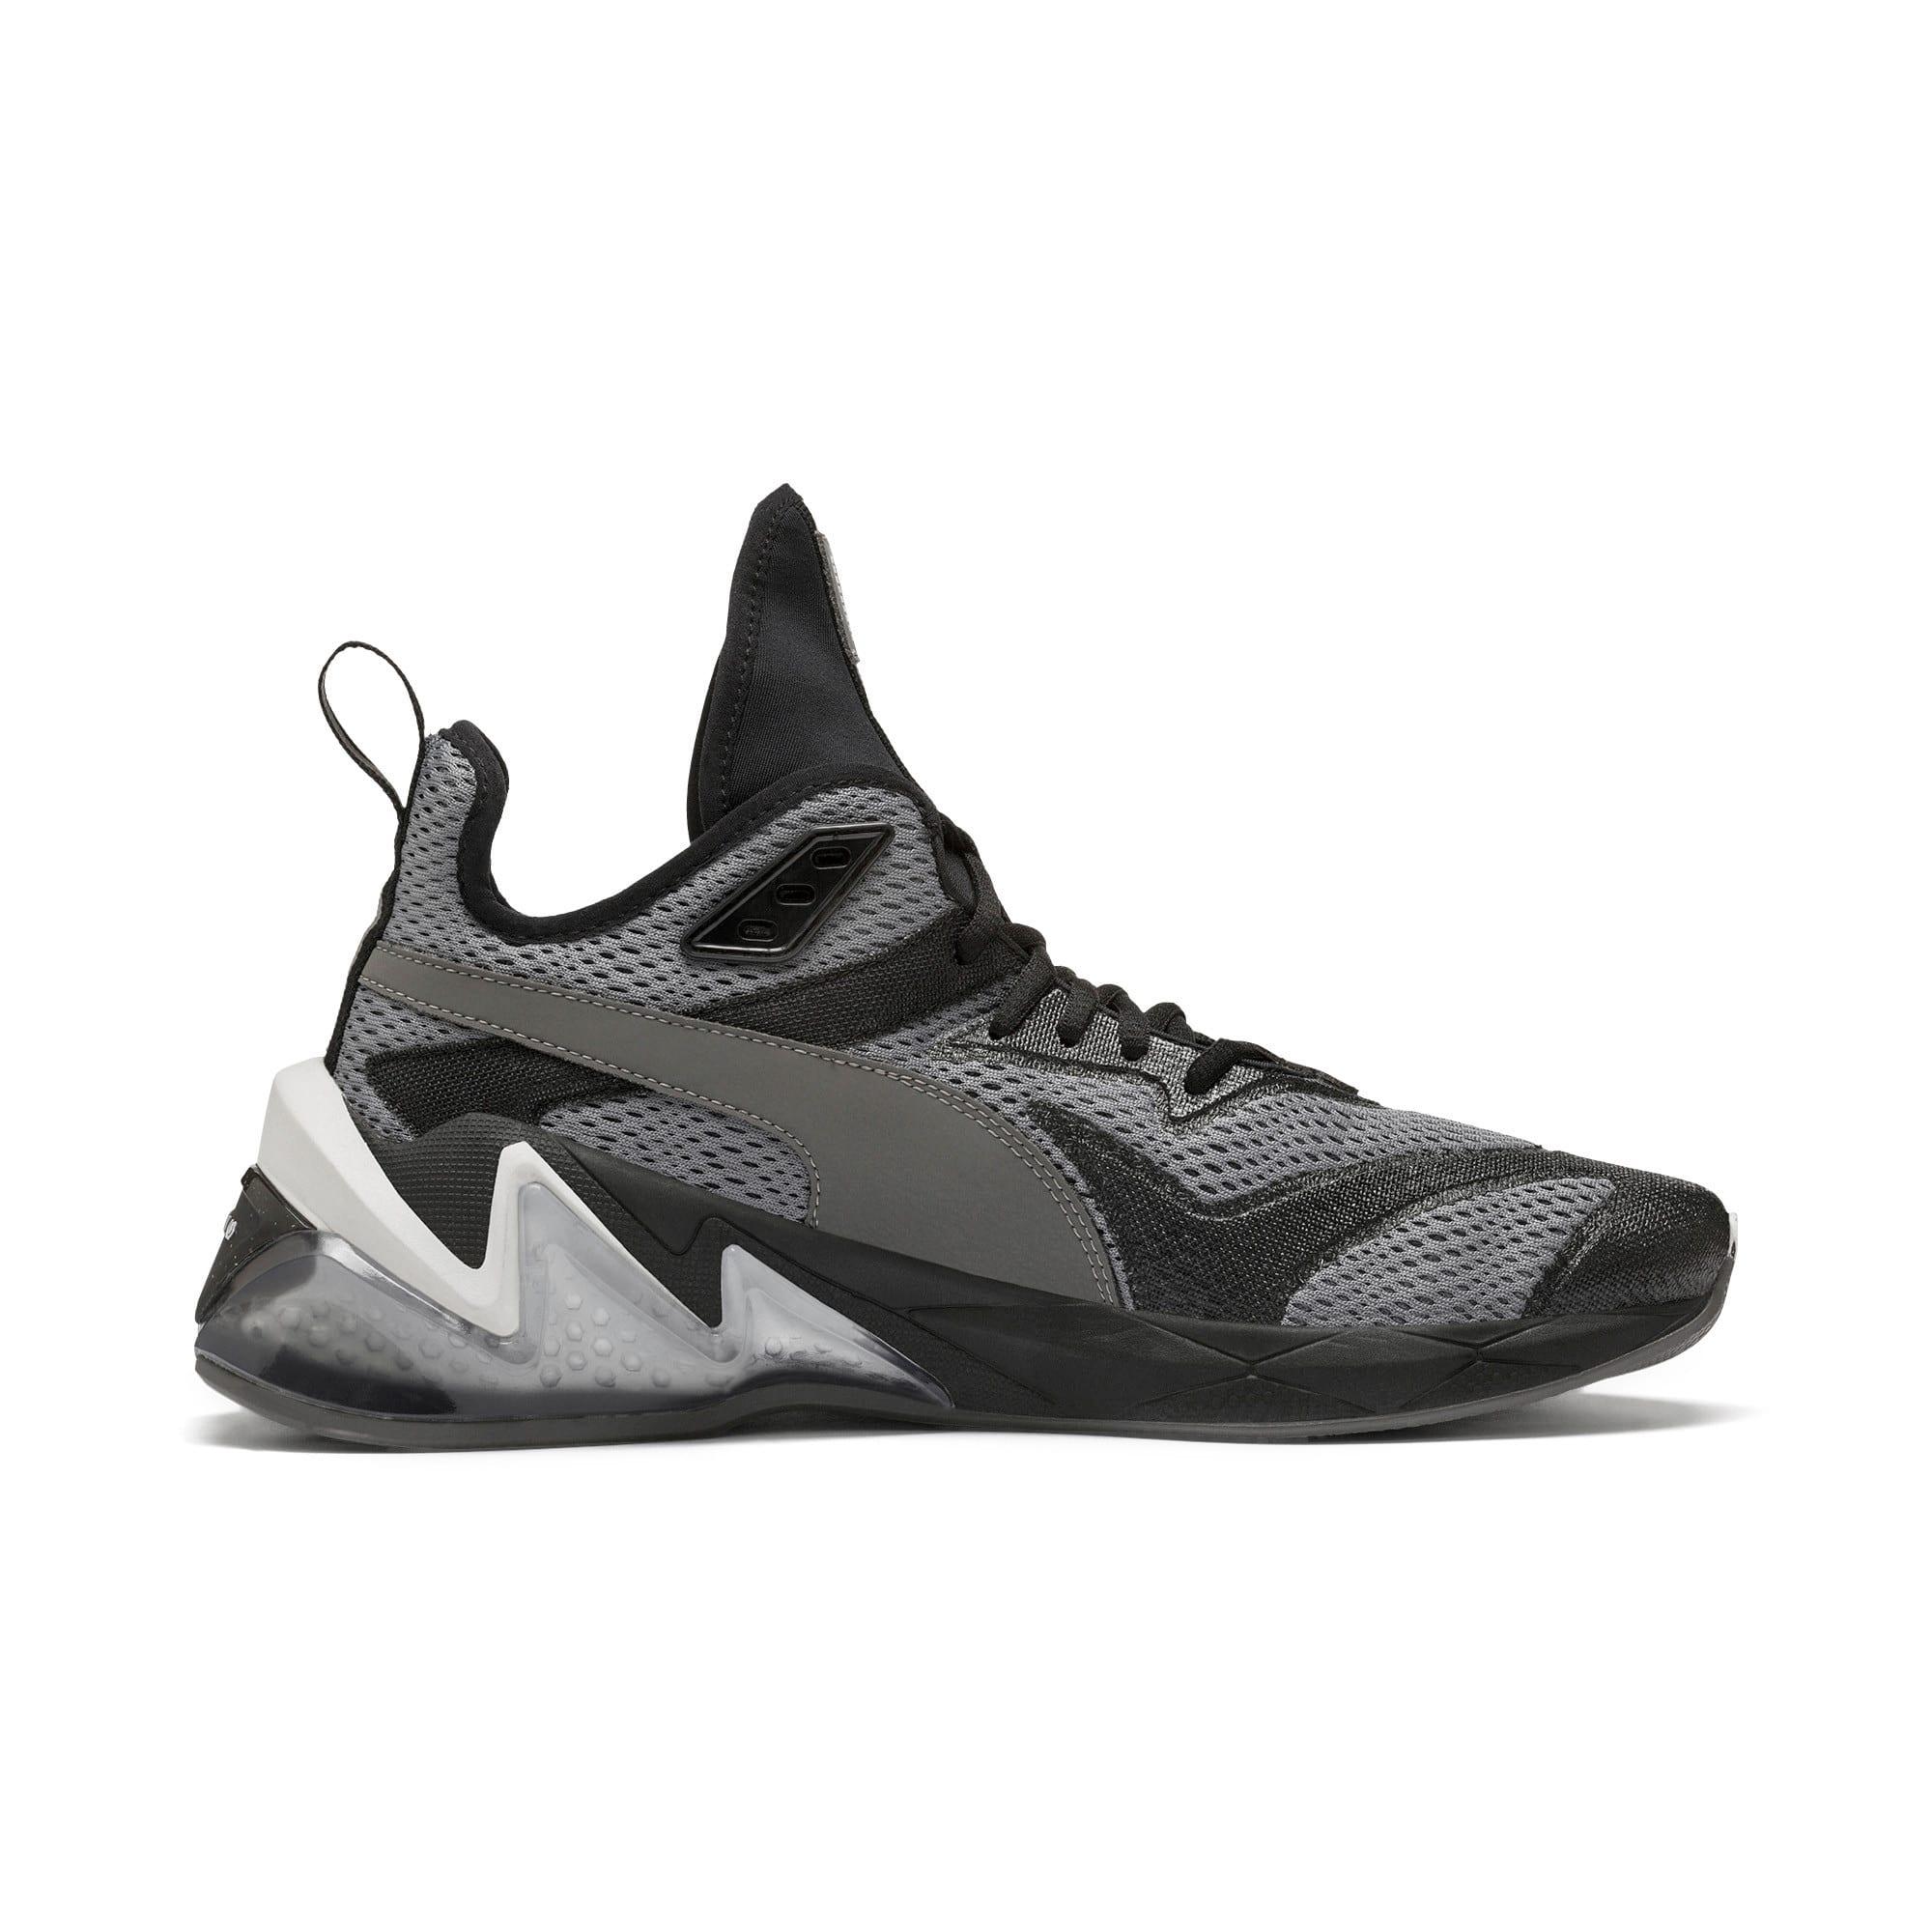 Thumbnail 6 of Chaussure d'entraînement LQDCELL Origin Tech pour homme, Puma Black-CASTLEROCK, medium